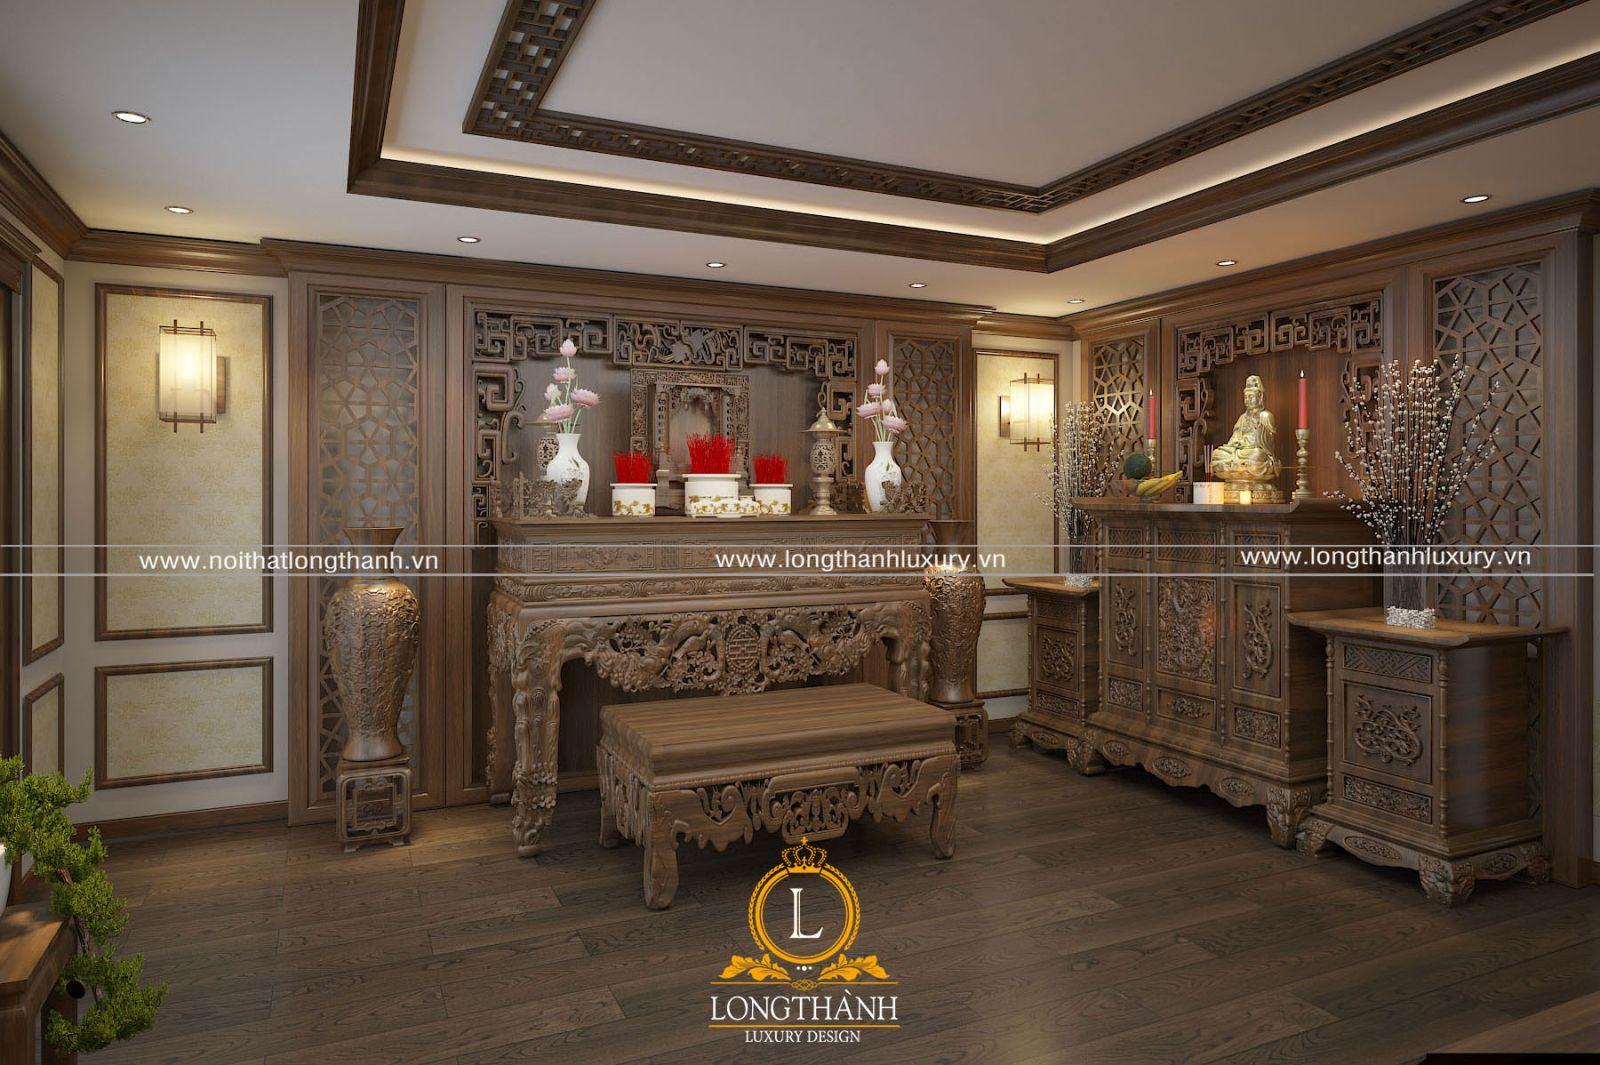 Dự án thiết kế không gian phòng thờ biệt thự Vinhomes Riverside anh Thiện - Long Biên, Hà Nội